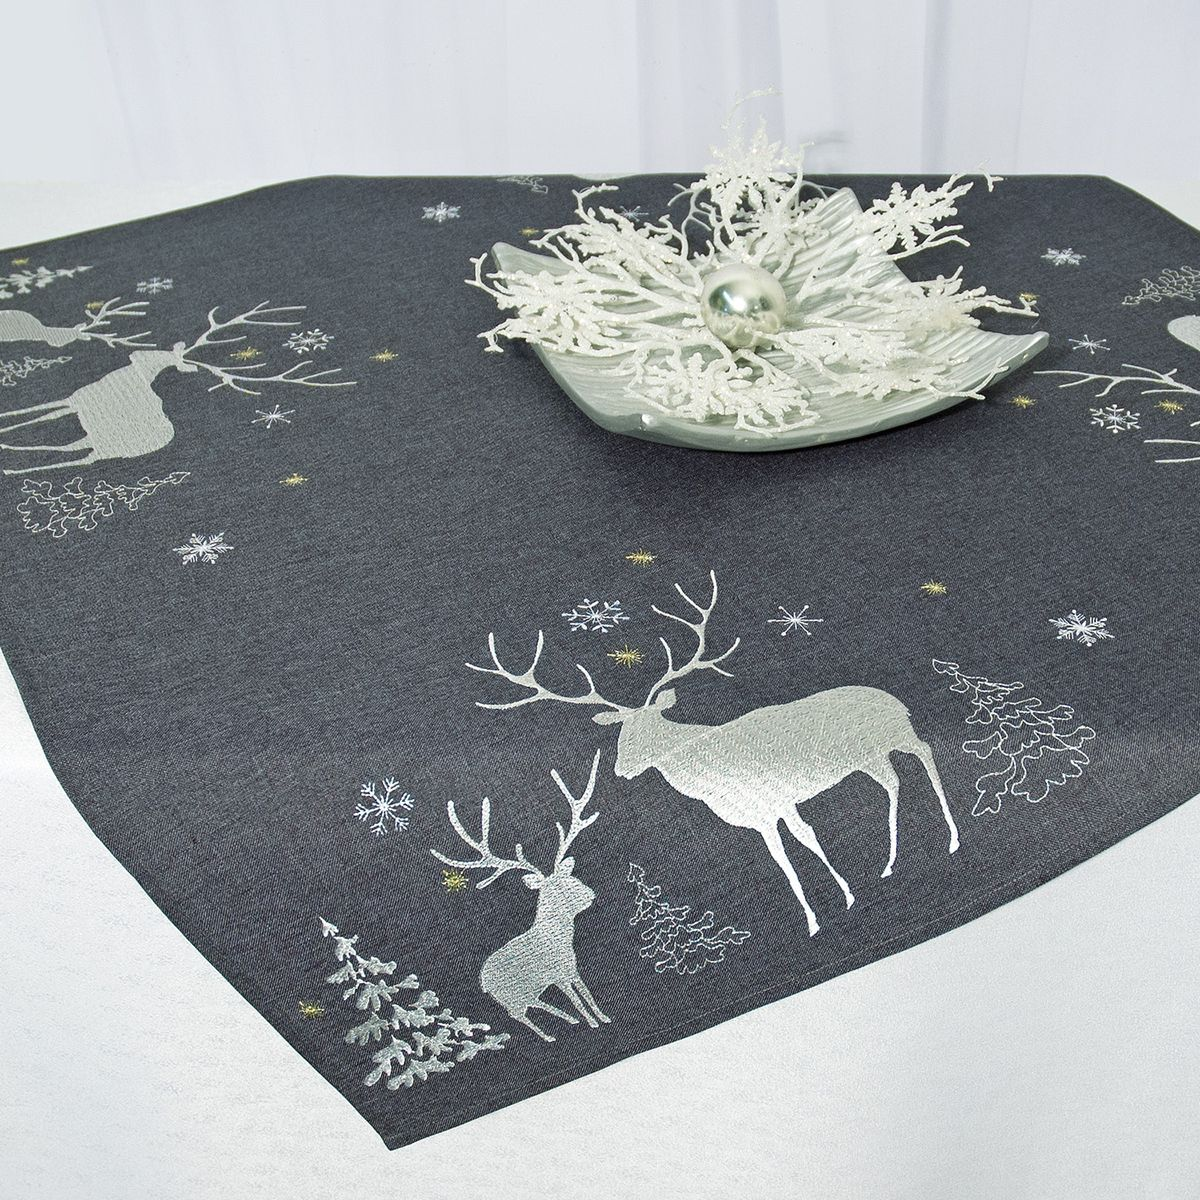 Скатерть Schaefer, квадратная, цвет: серый, 85 x 85 см 07670-10007670-100Квадратная скатерть Schaefer, выполненная из полиэстера, станет украшением новогоднего стола. Изделие декорировано оригинальной вышивкой в виде оленей, елок и снежинок. За текстилем из полиэстера очень легко ухаживать: он легко стирается, не мнется, не садится и быстро сохнет, более долговечен, чем текстиль из натуральных волокон.Использование такой скатерти сделает застолье торжественным, поднимет настроение гостей и приятно удивит их вашим изысканным вкусом. Это текстильное изделие станет изысканным украшением вашего дома!